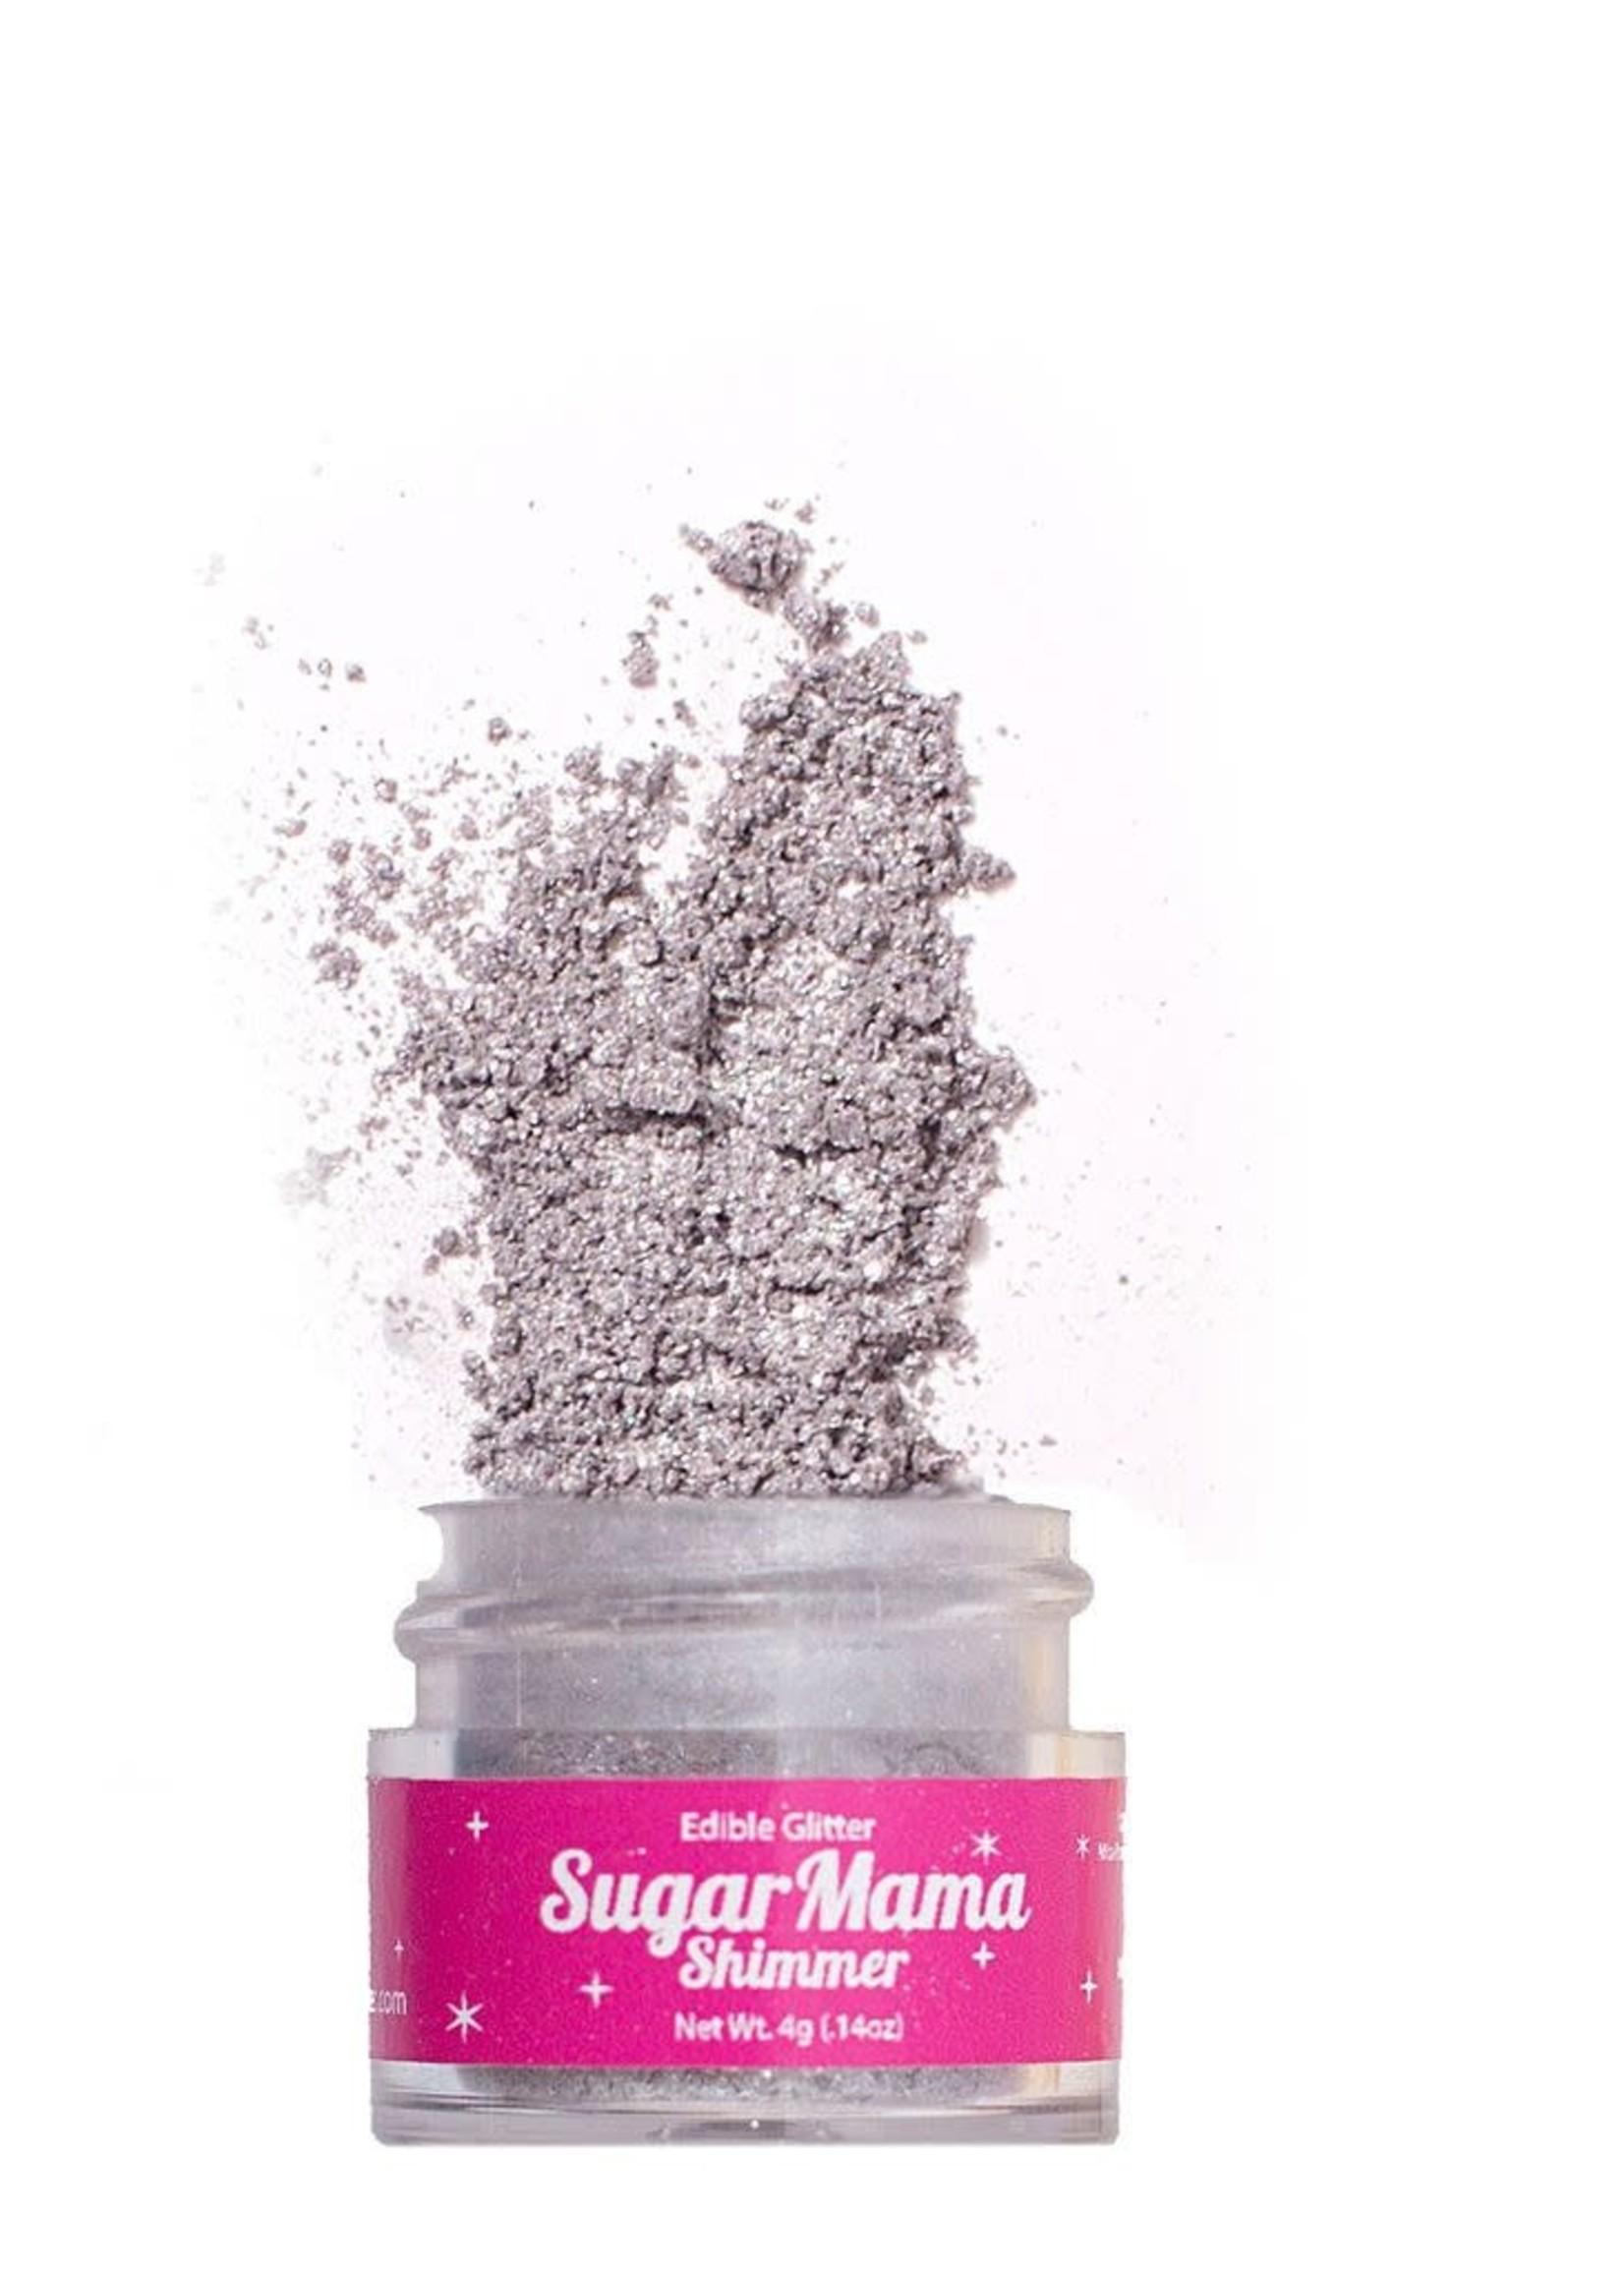 Sugar Mama Shimmer Sugar Mama Drink Shimmers Sandalita Silver